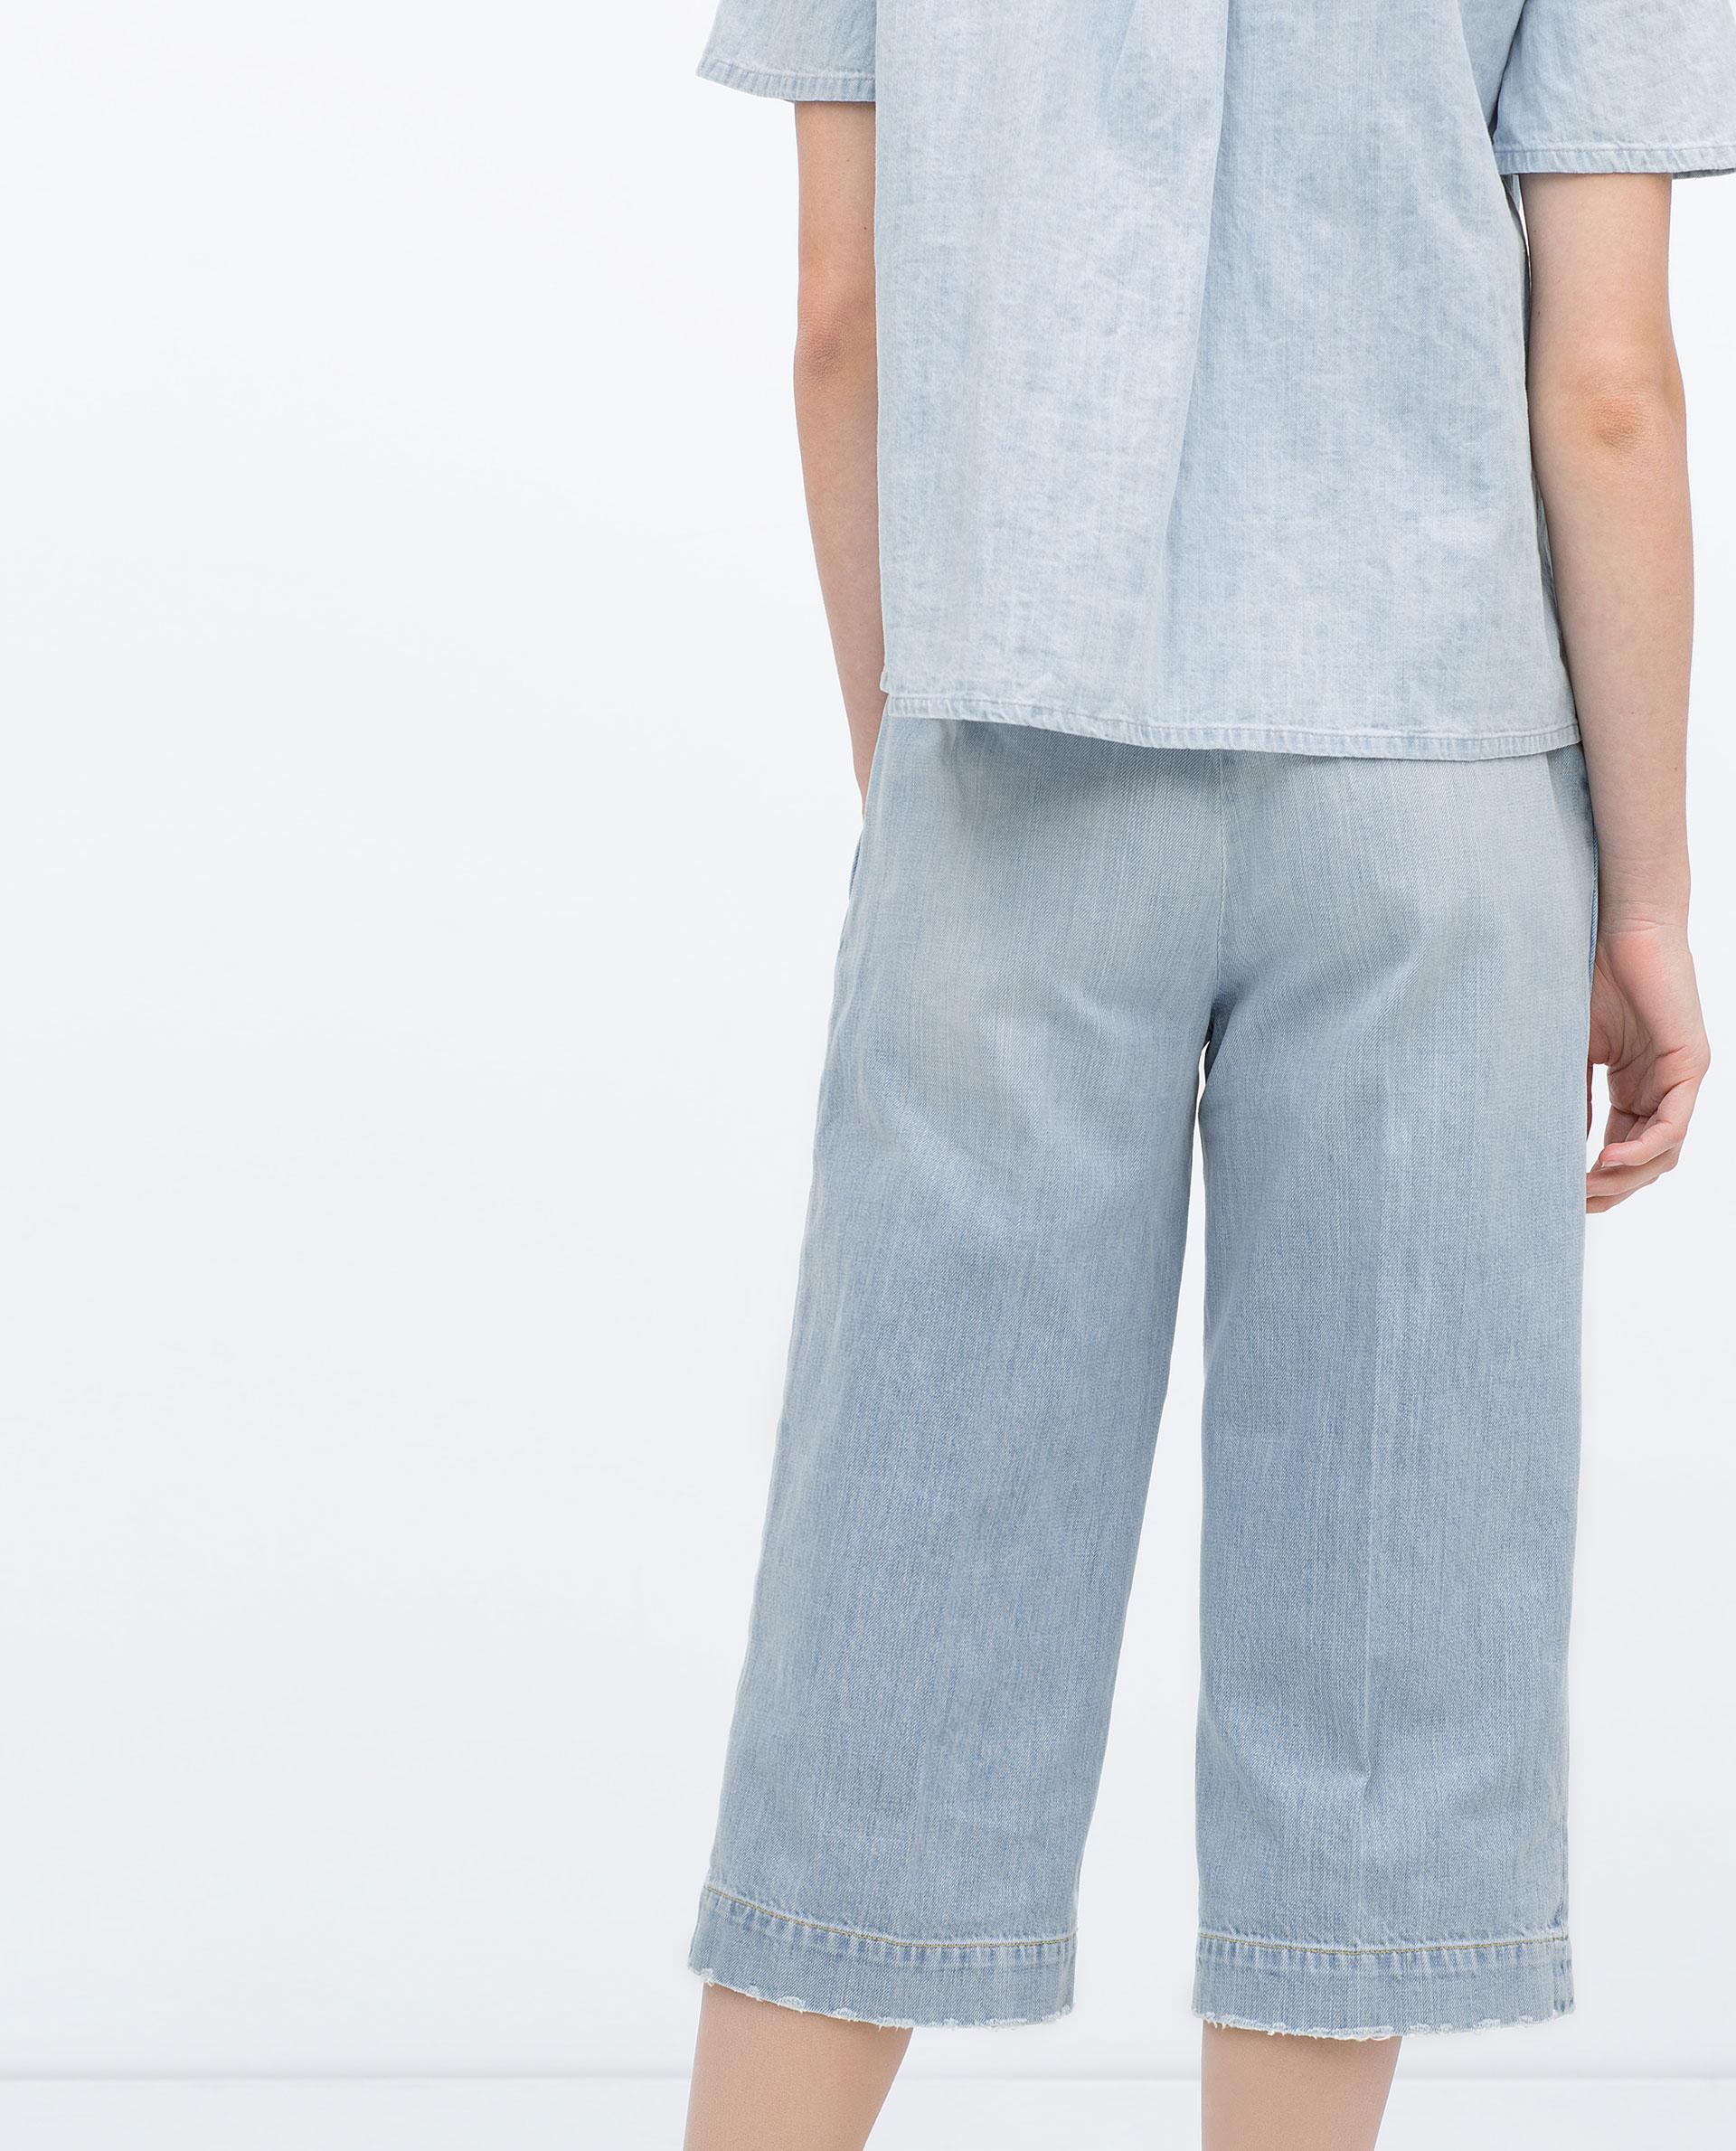 Cool Zara Zipped Cargo Trousers In Green  Lyst